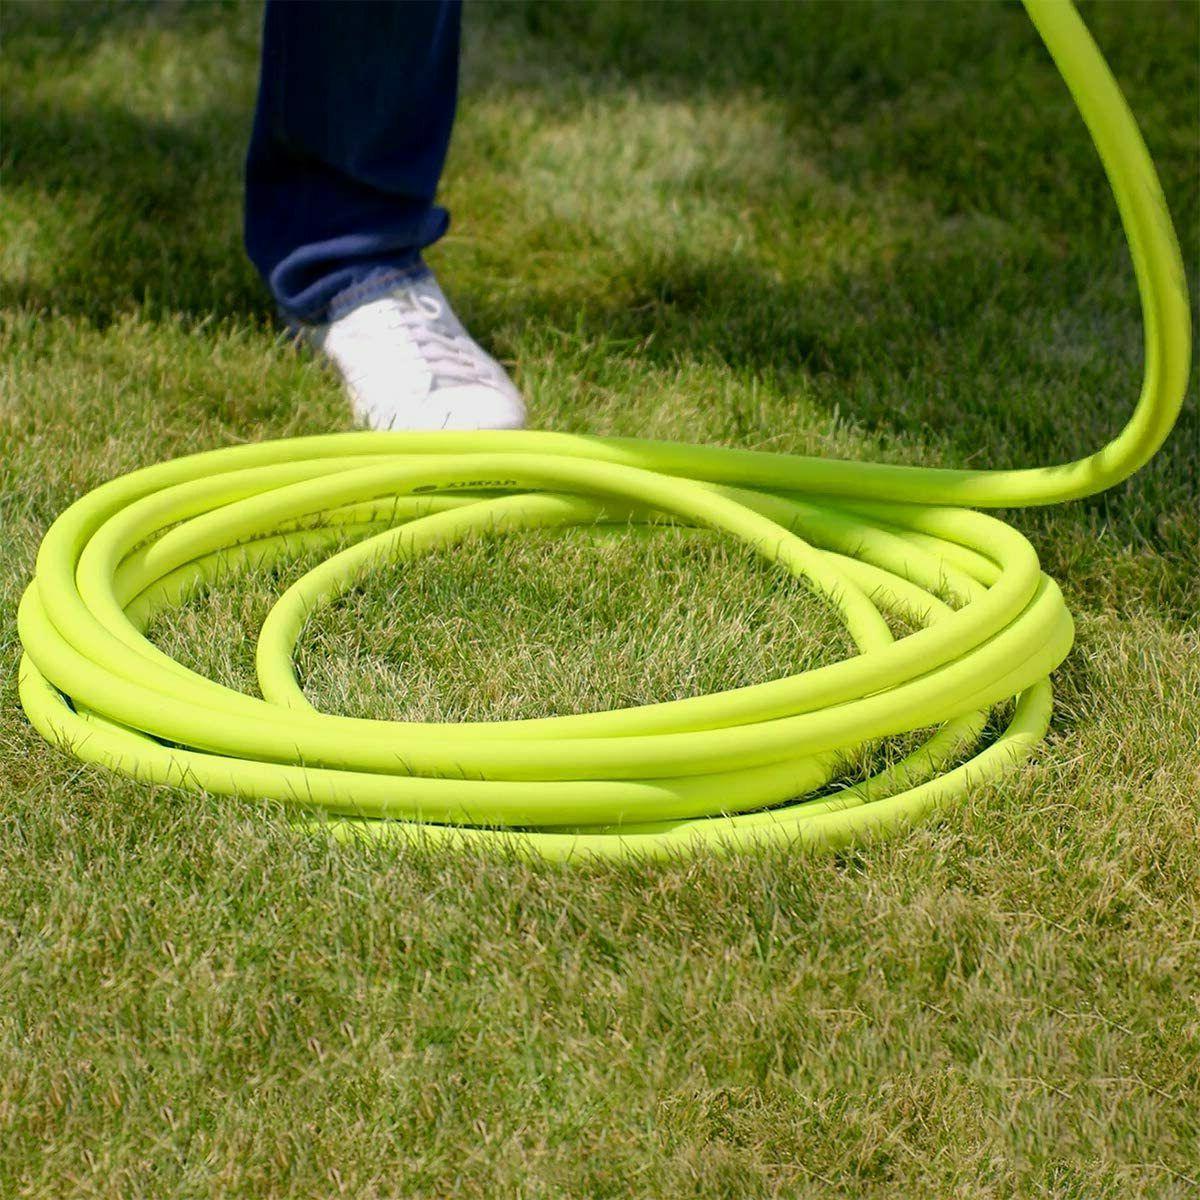 Flexzilla Garden Hose, 5/8 in. x 50 ft., Heavy Duty, Lightwe